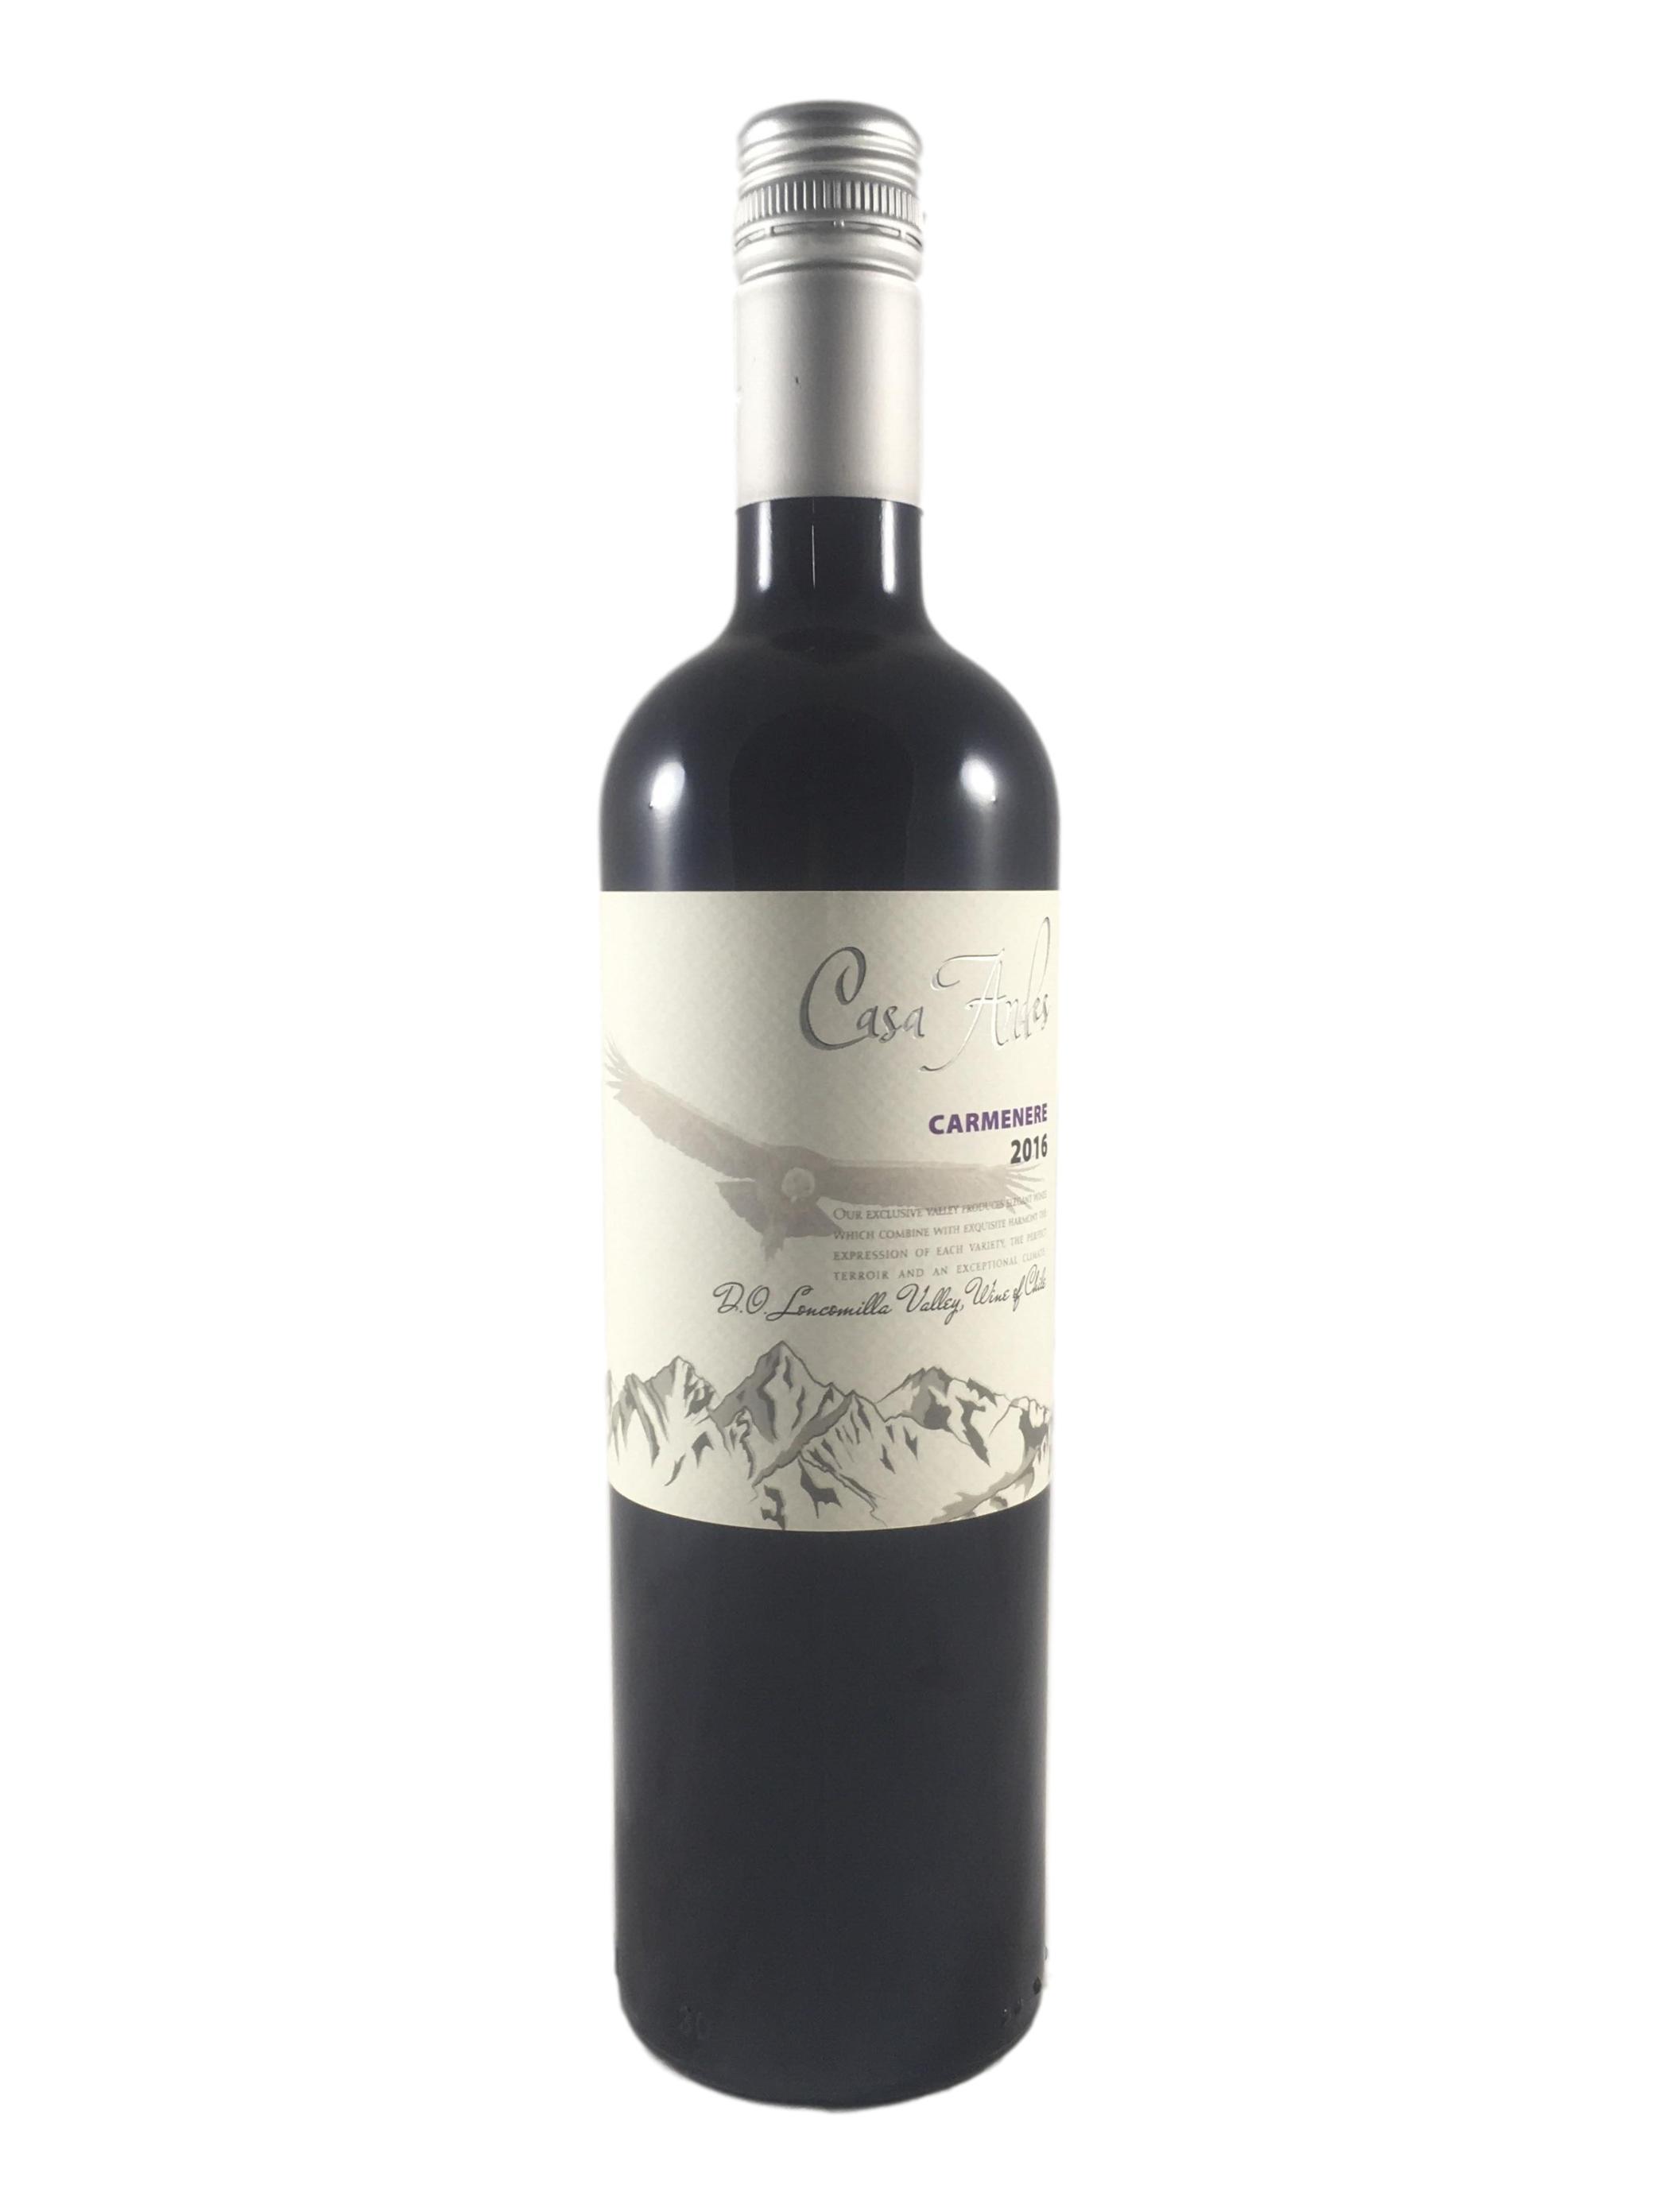 Casa Andes Carmenere - Chilensk rødvin - Vinhuset Top Wine